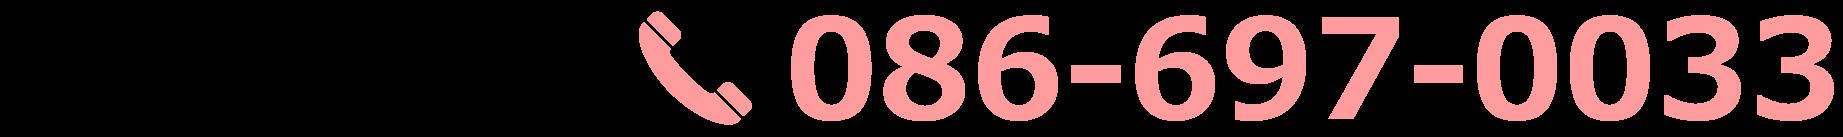 グループホームひまわり 086-697-0033